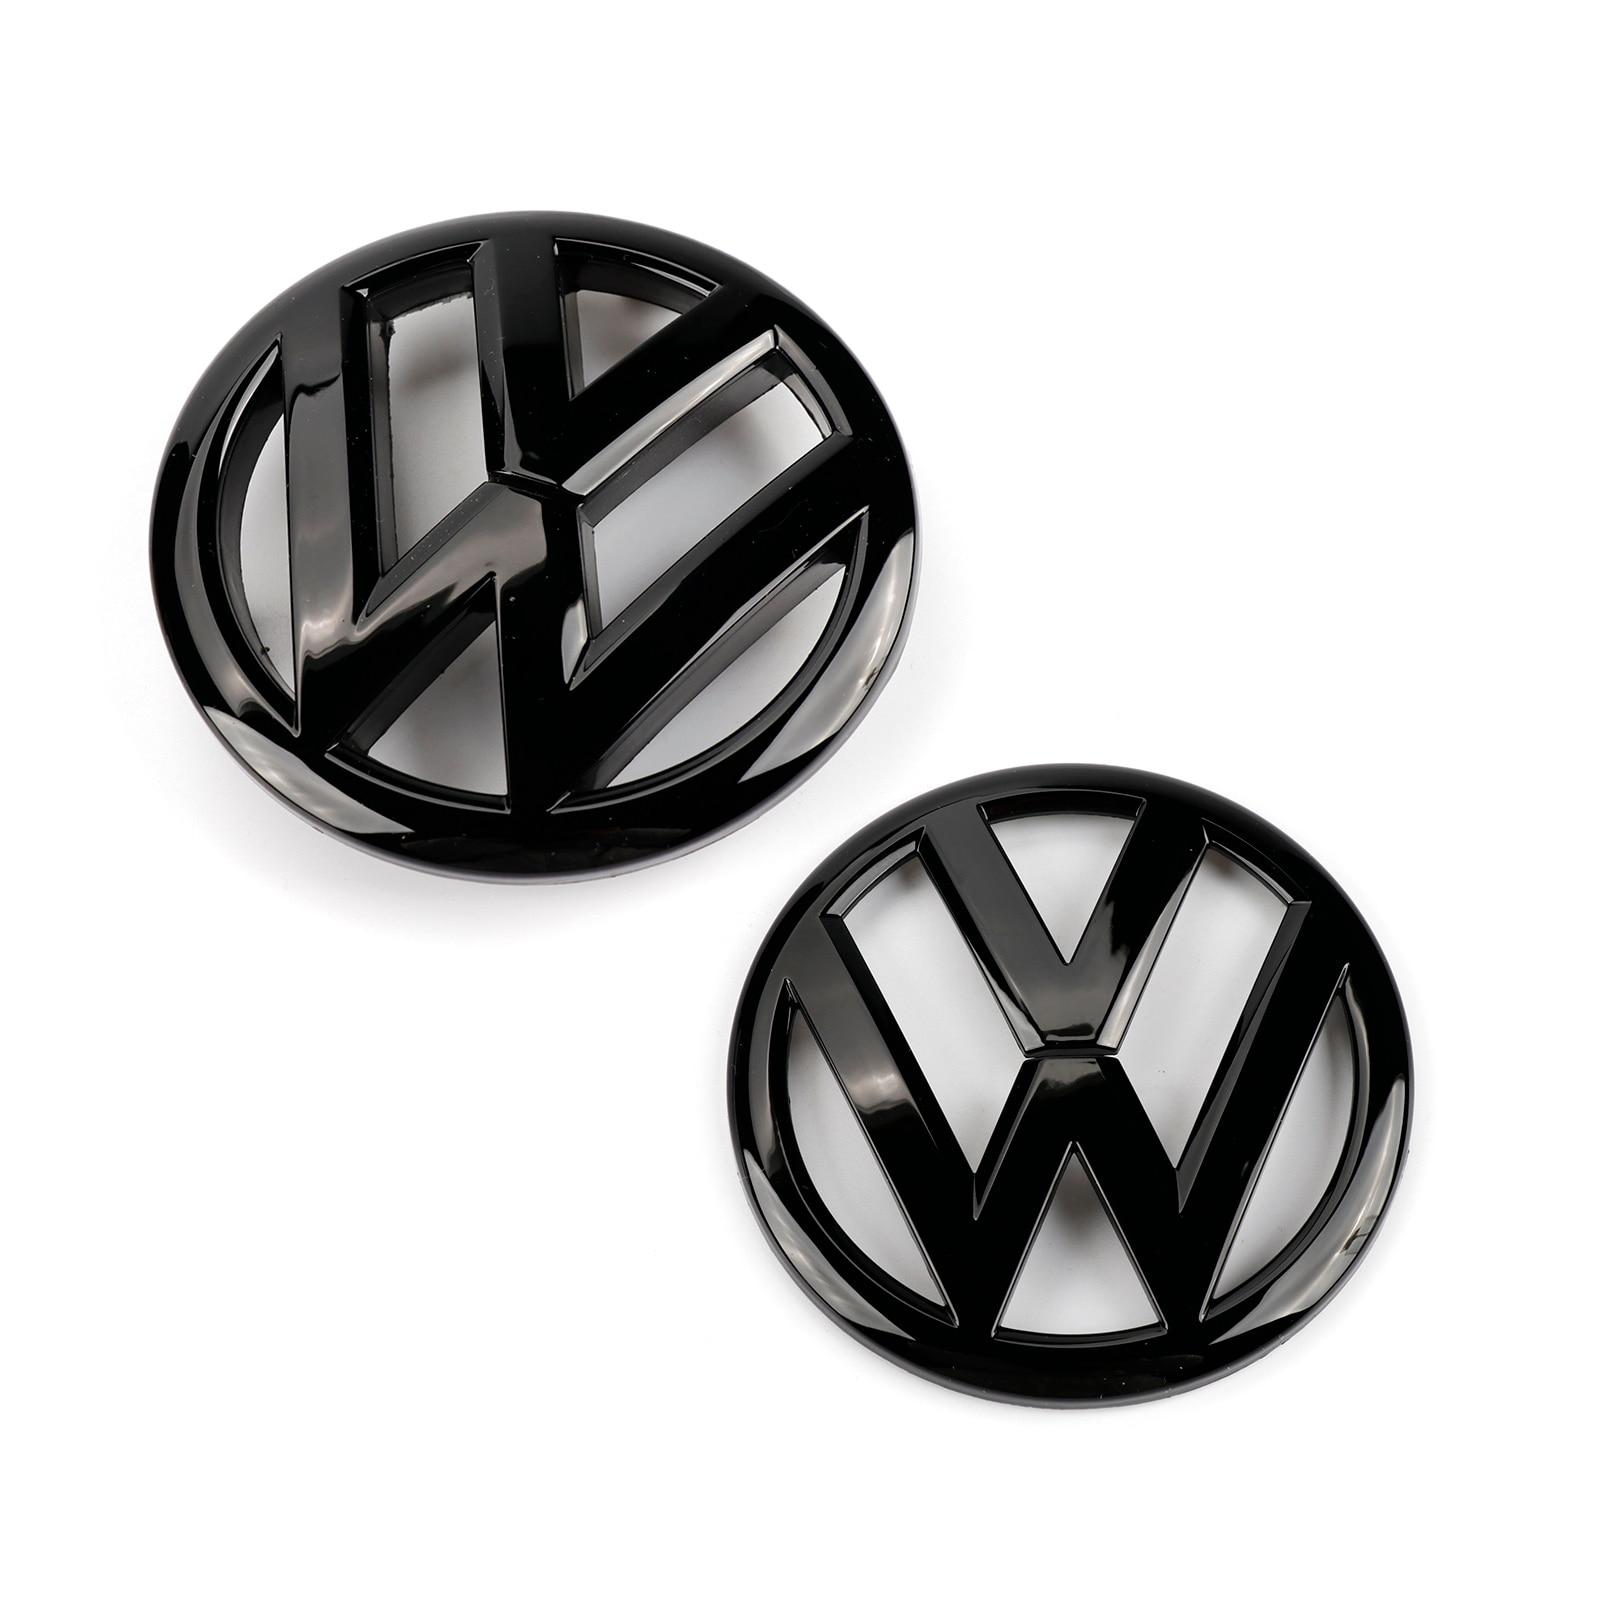 لمعان أسود 117 مللي متر الجبهة شواء شارة + 110 مللي متر الخلفية غطاء صندوق السيارة شعار ل VW Volkswagen Polo 2009 2010 2011 2012 2013